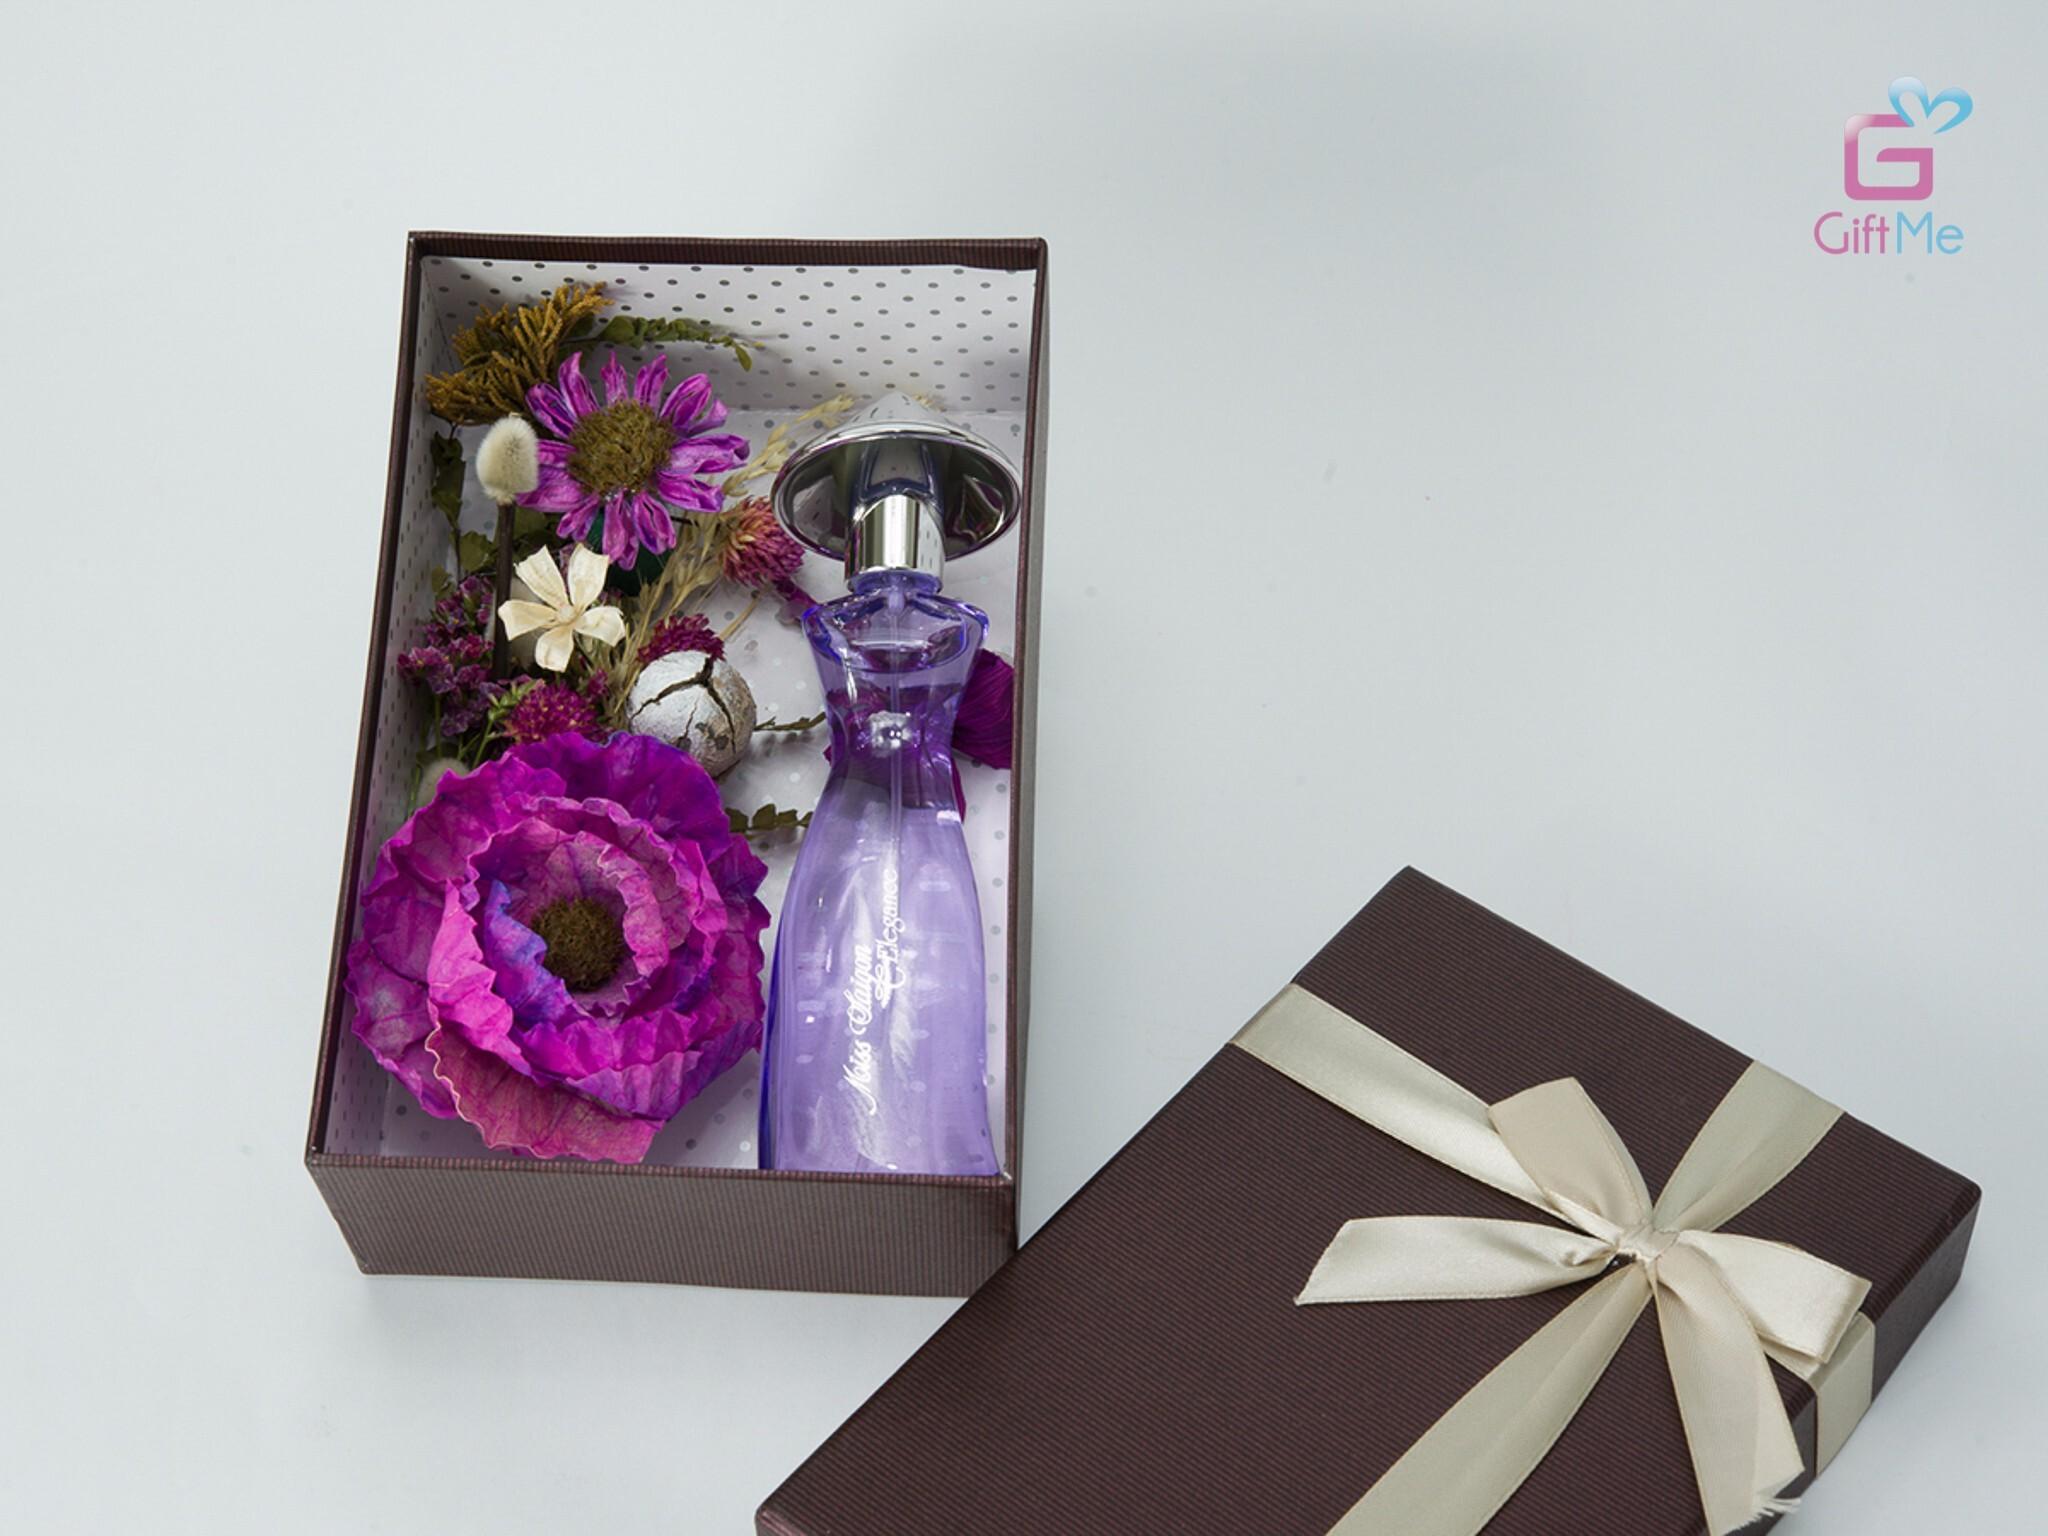 Hương thơm của Miss Sài Gòn là hương hoa nồng nàn, ấm áp và dịu dàng